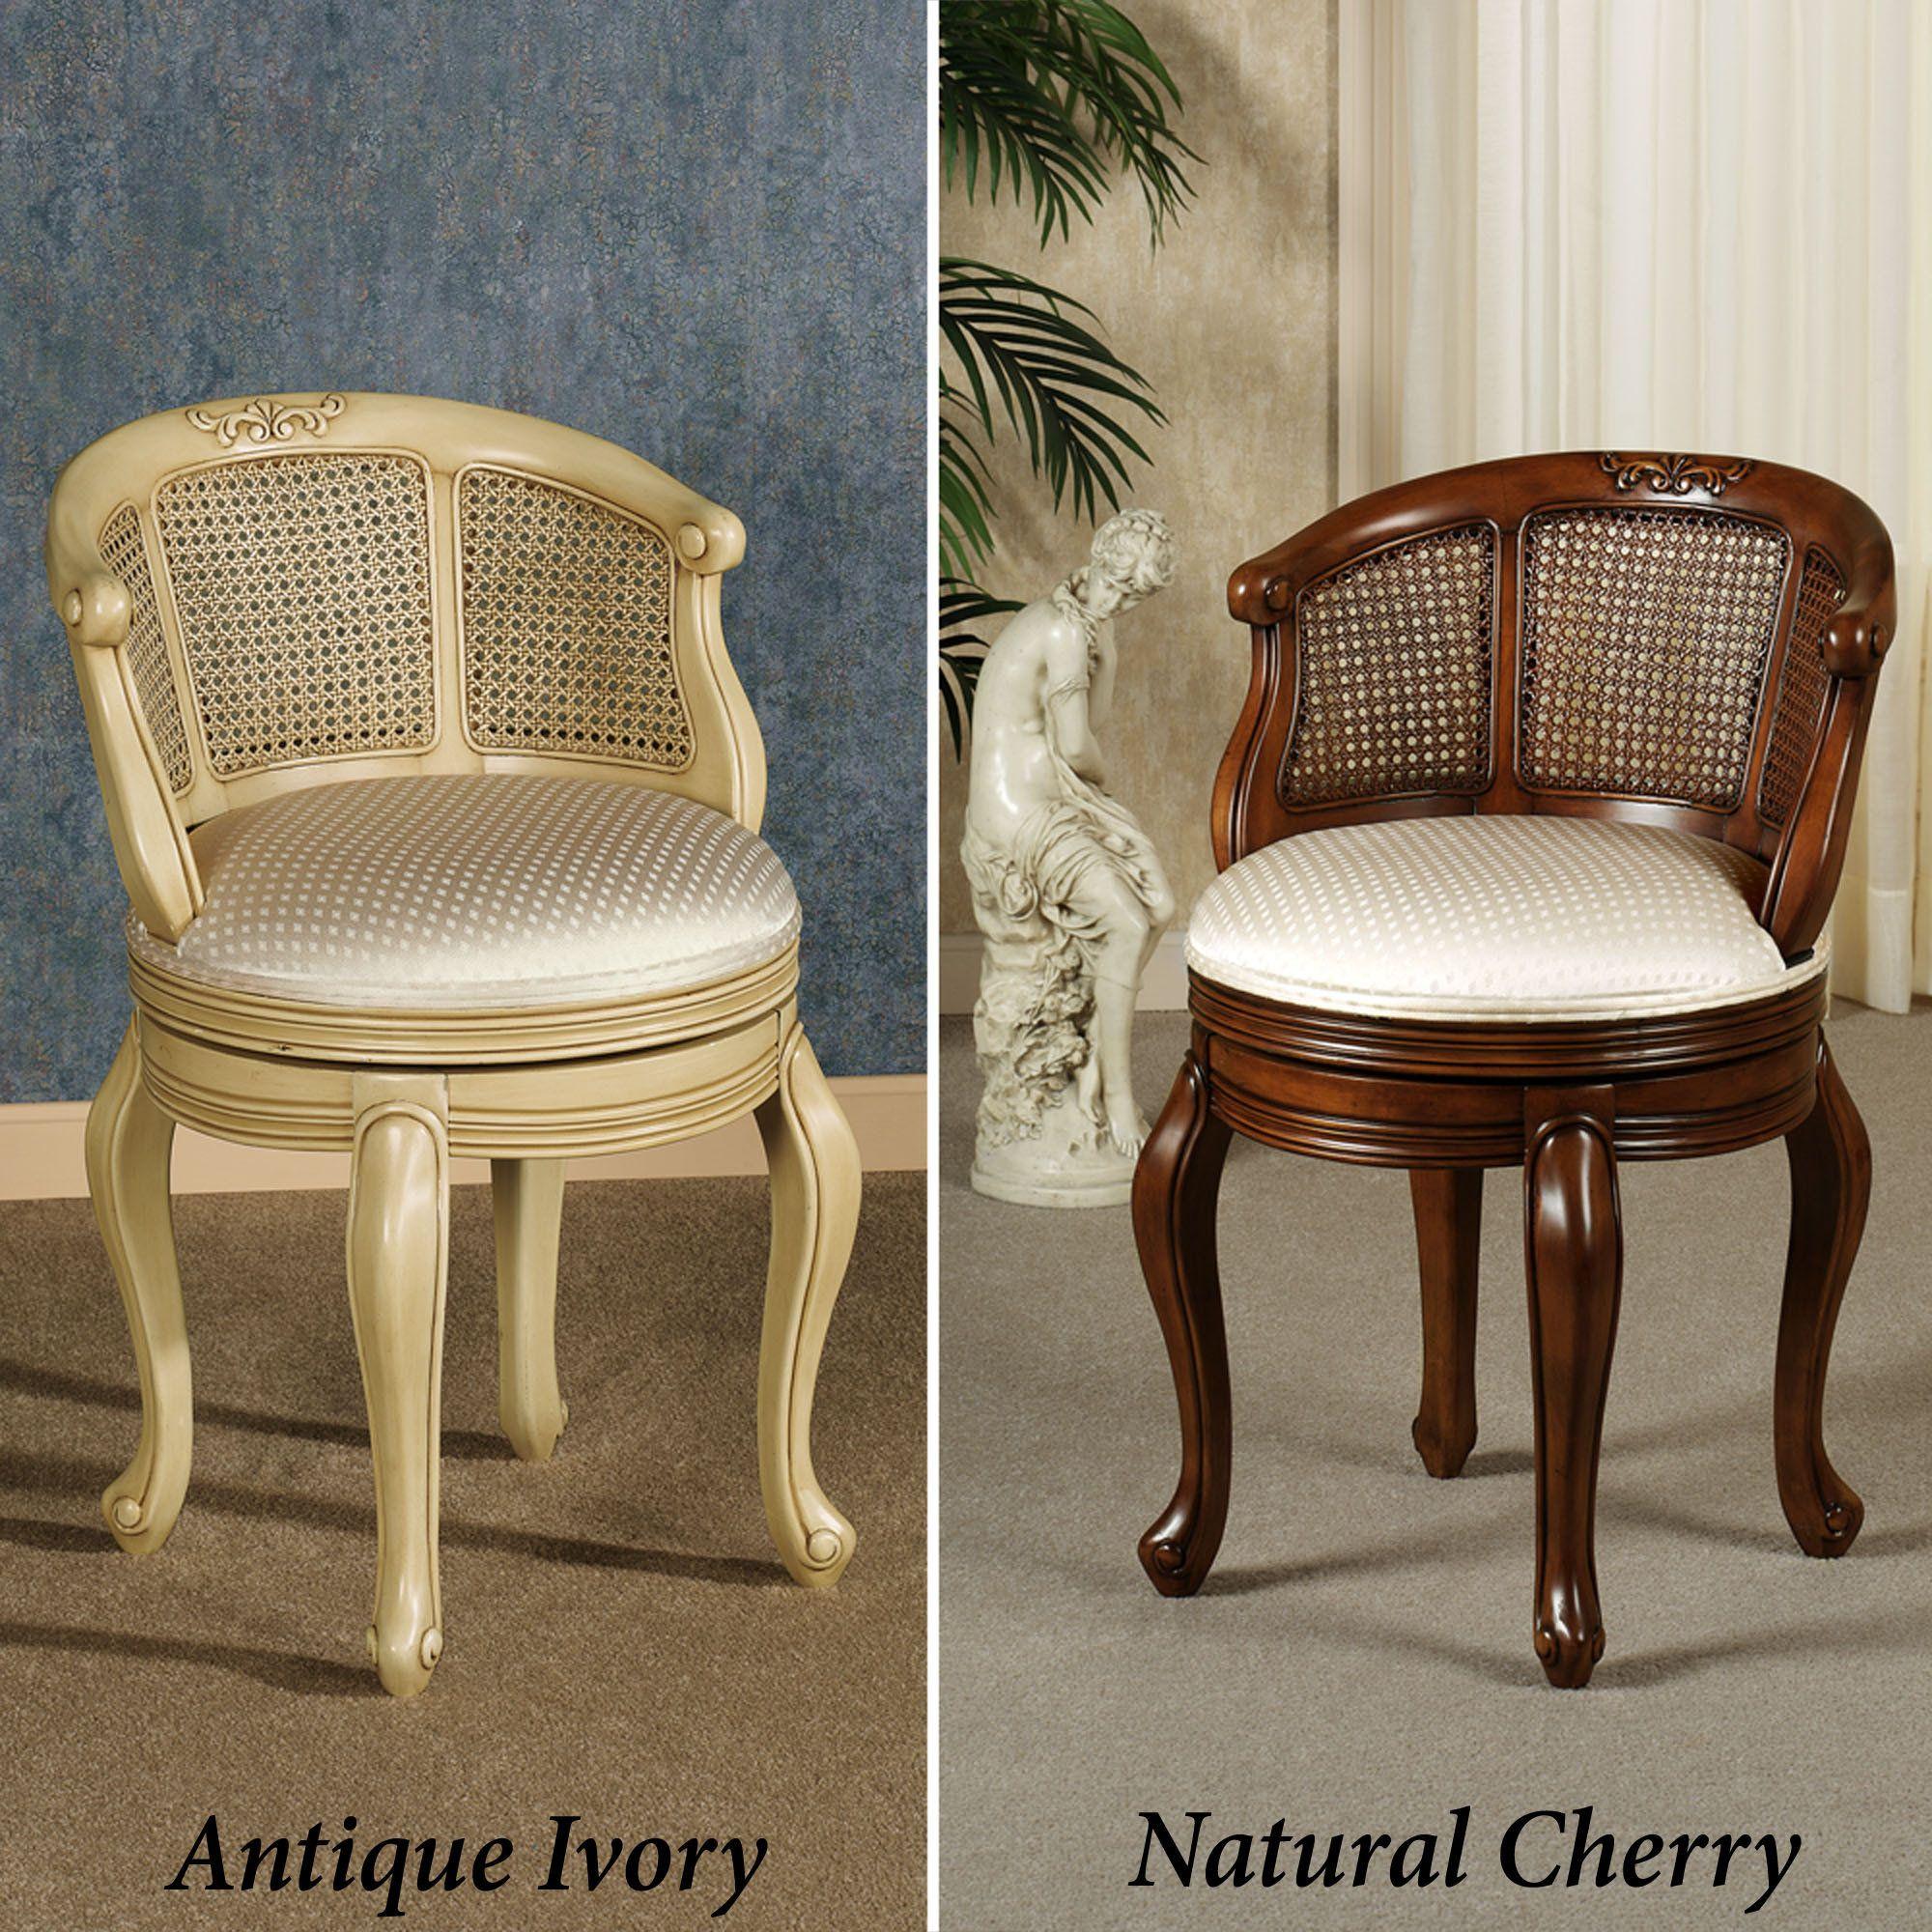 Belhurst Natural Cherry Swivel Vanity Chair Home Decor